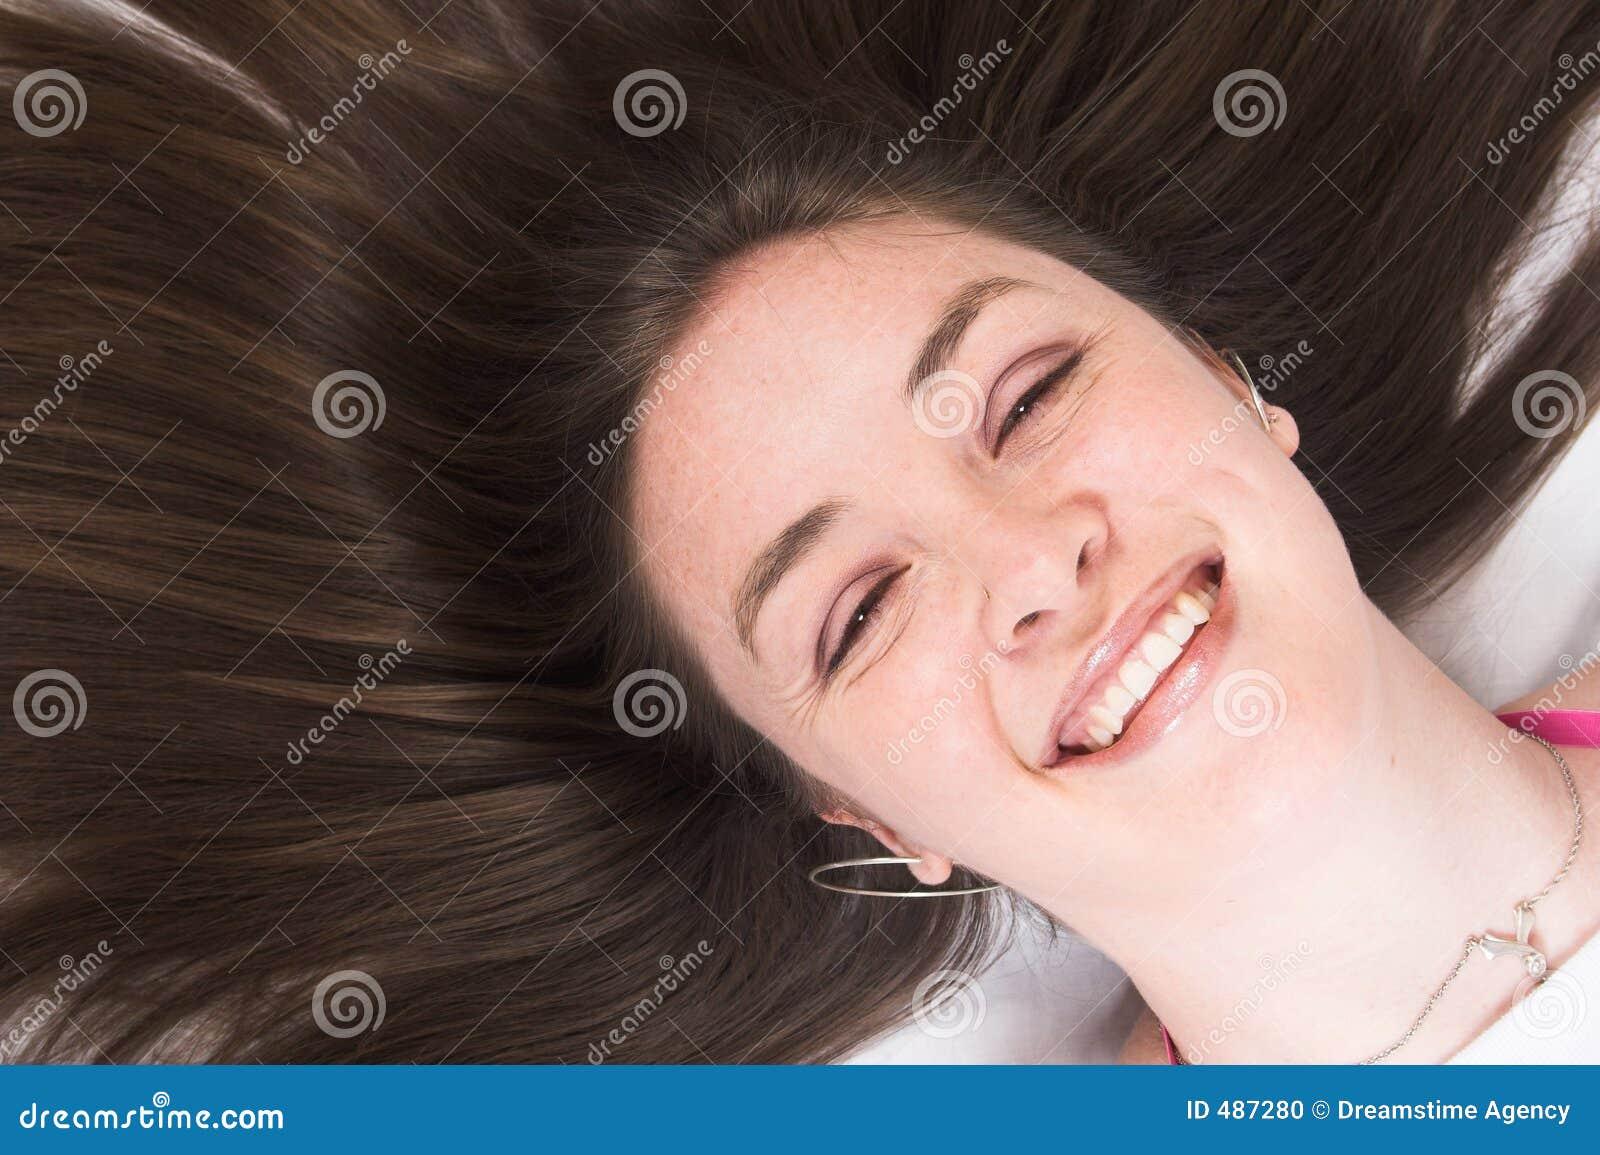 Beauty portrait - smiling